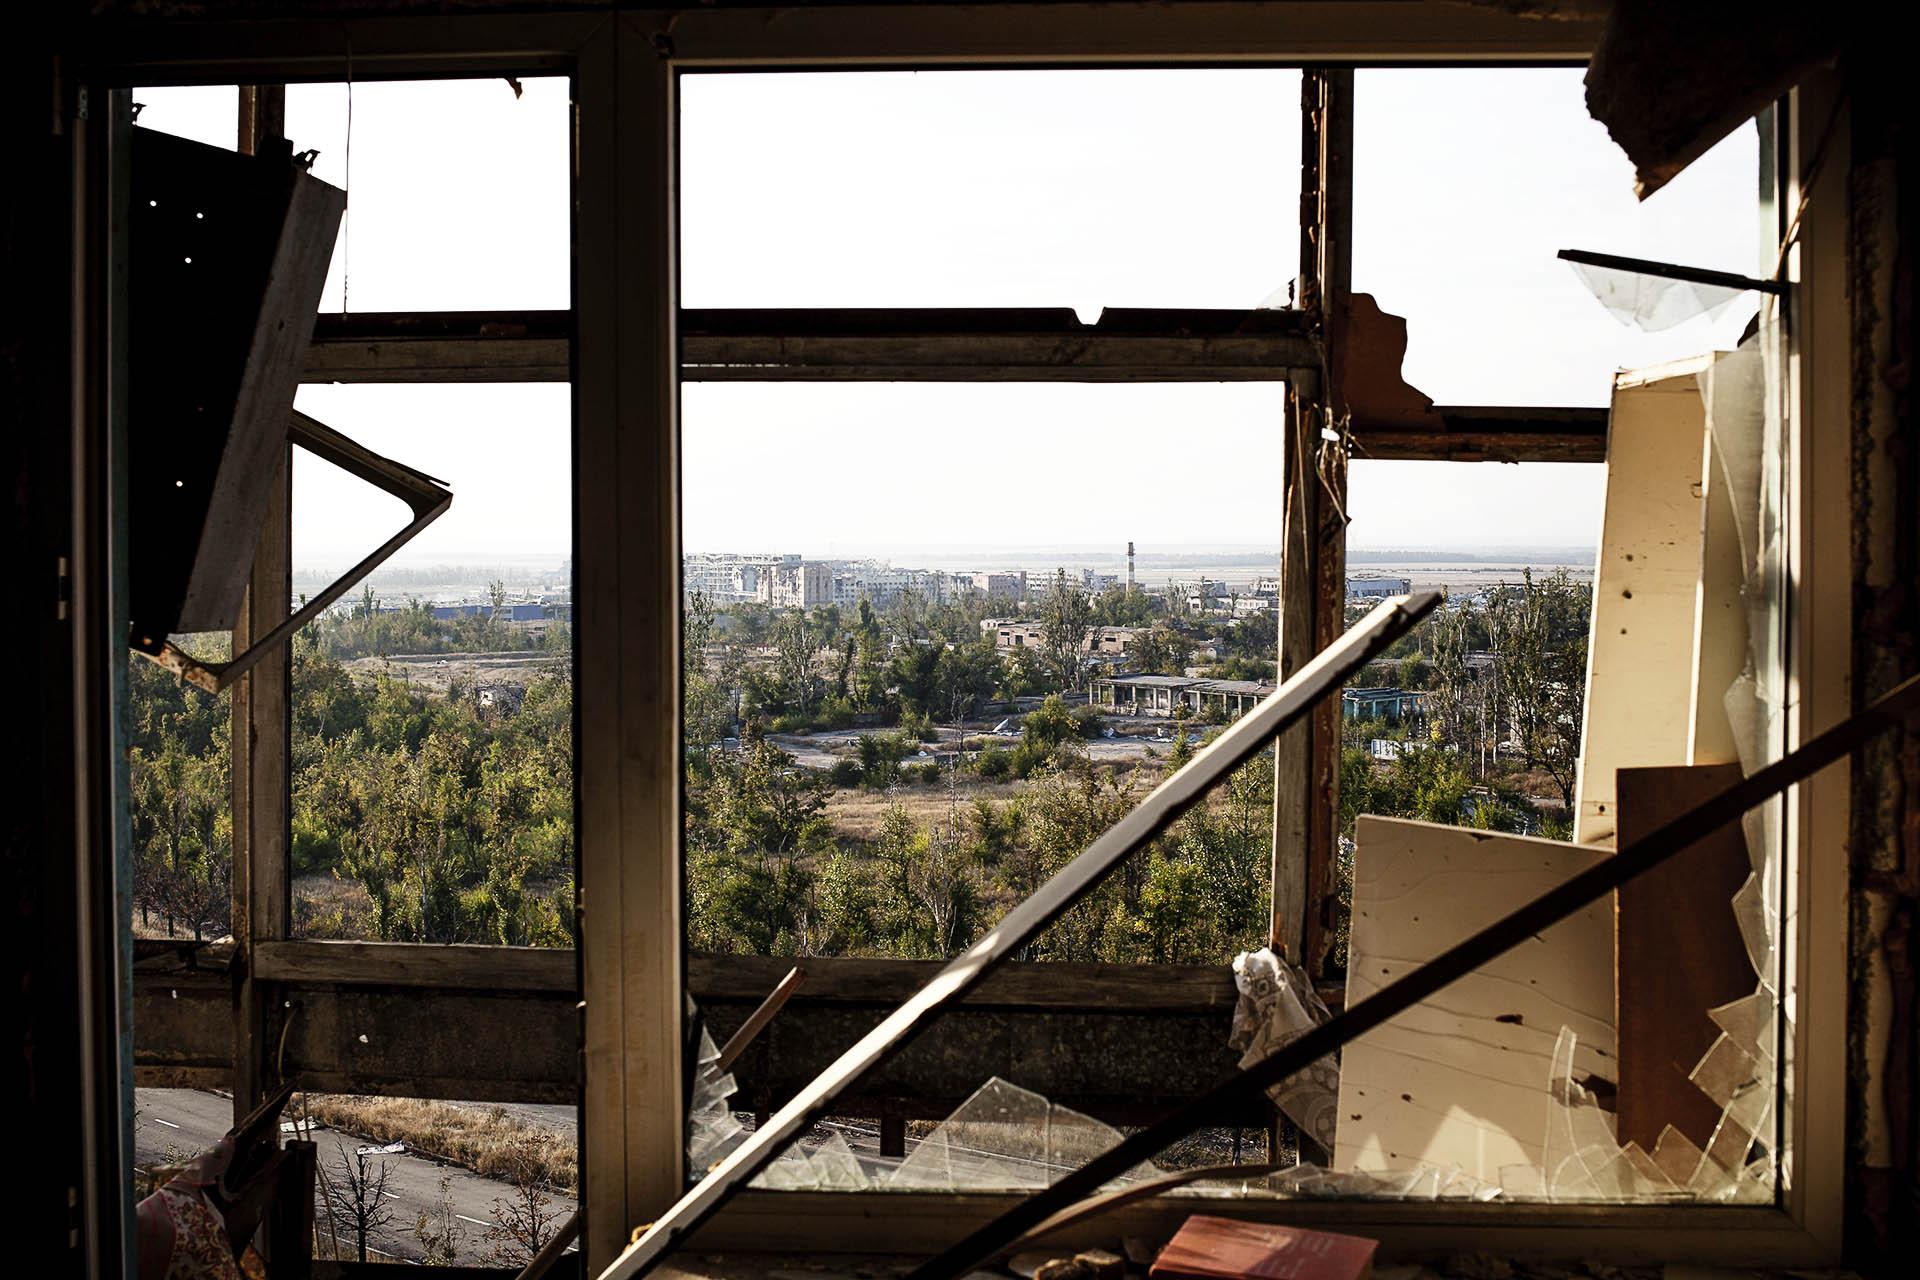 Imagen del aeropuerto de Donetsk, completamente destrozado, desde un edificio cercano / (Donetsk).